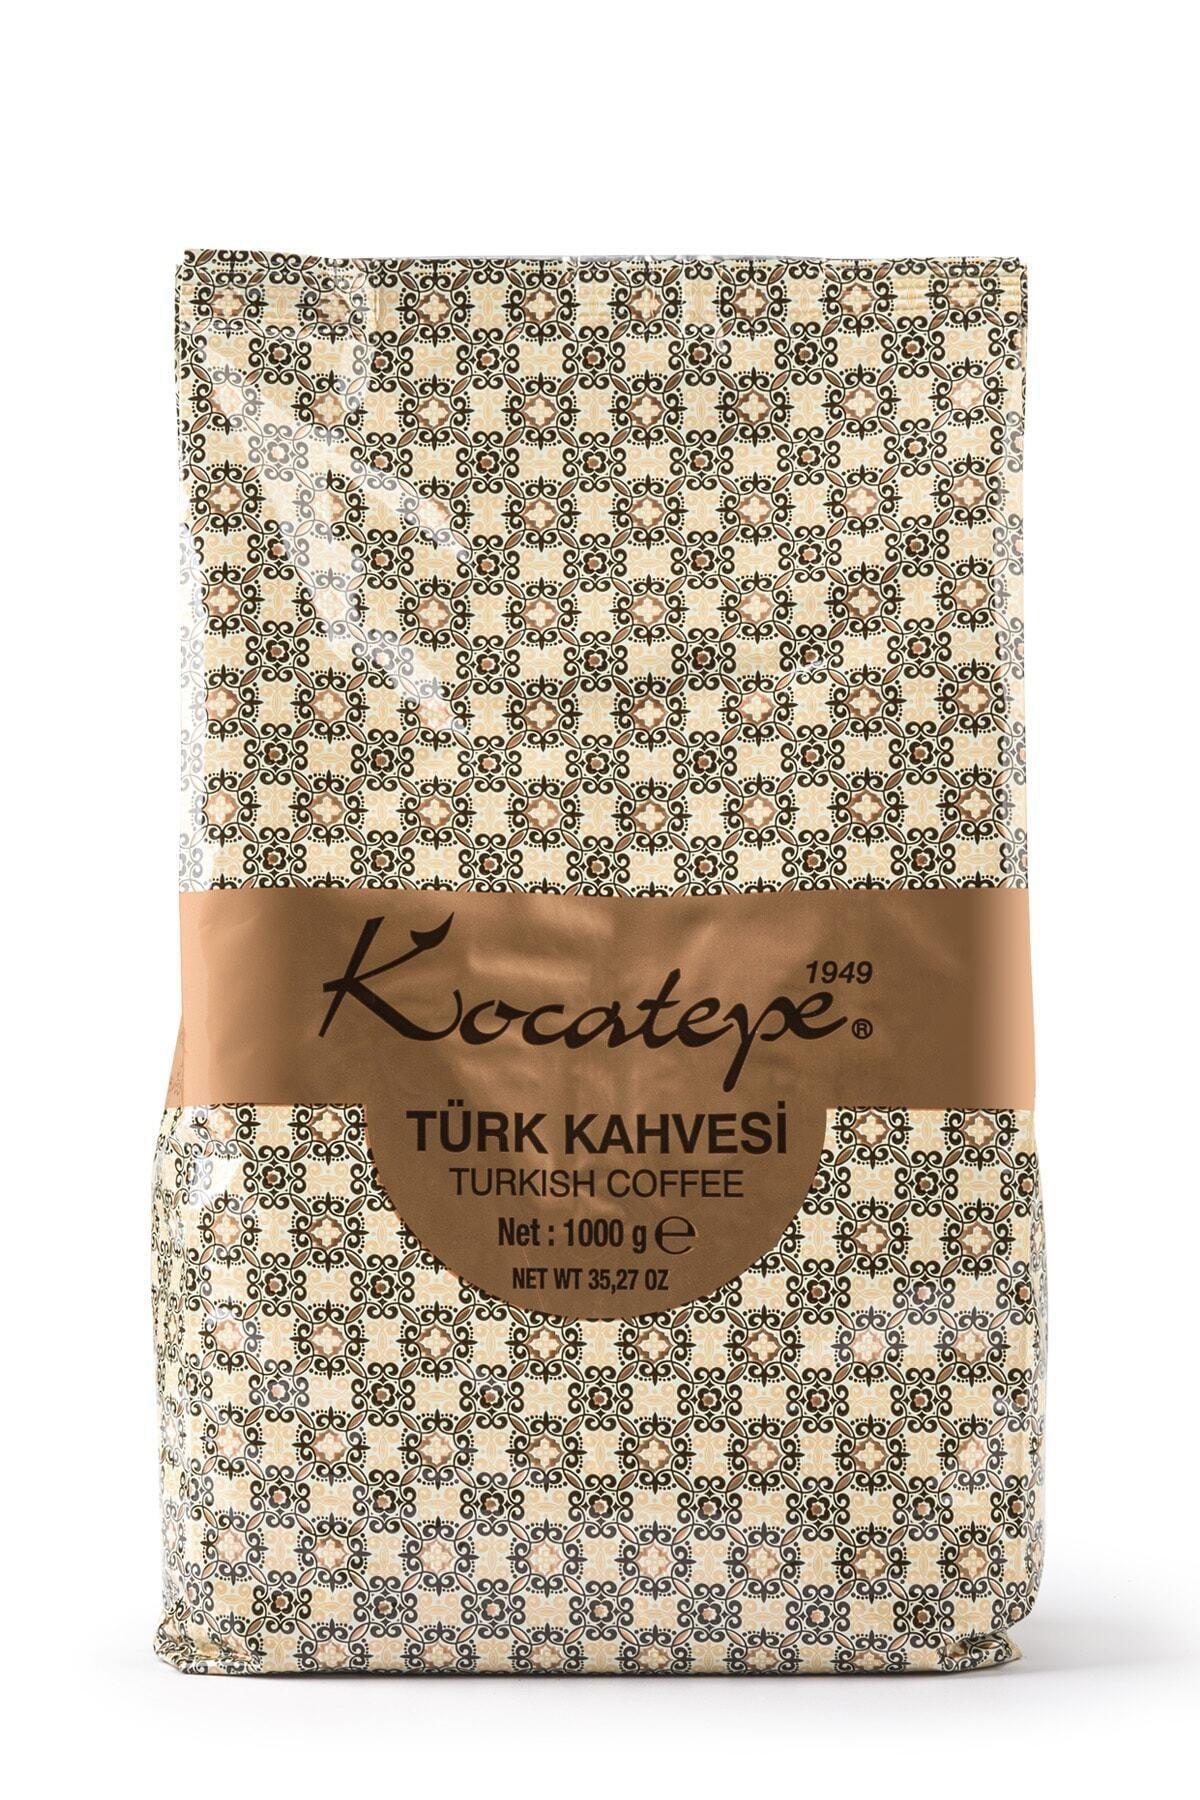 KOCATEPE KAHVE Kocatepe Türk Kahvesi 1kg Folyo 1